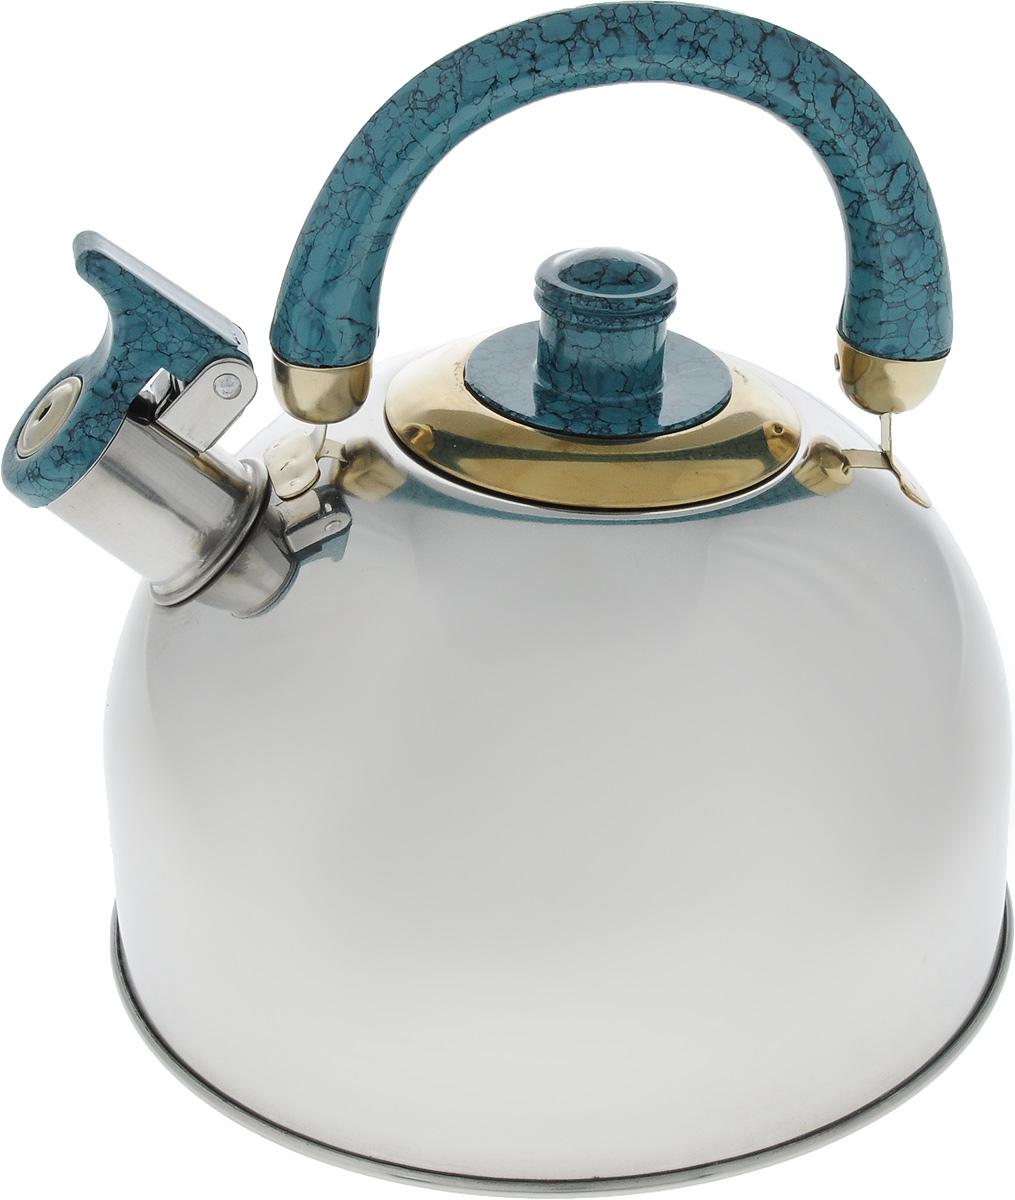 Чайник Mayer & Boch, цвет: стальной, бирюзовый, золотой, 4 л. 1046A1046A_стальной, бирюзовый, золотойЧайник Mayer & Boch изготовлен из высококачественной нержавеющей стали с зеркальной полировкой, что делает его весьма гигиеничным и устойчивым к износу при длительном использовании. Гладкая и ровная поверхность существенно облегчает уход за посудой. Выполненный из качественных материалов чайник при кипячении сохраняет все полезные свойства воды. Носик чайника имеет откидной свисток, звуковой сигнал которого подскажет, когда закипит вода. Крышка, свисток и ручка выполнены из бакелита. Классический дизайн чайника Mayer & Boch дополнит любую кухню. Подходит для использования на всех типах кухонных плит, кроме индукционных. Высота чайника (с учетом ручки): 21 см. Высота чайника (без учета ручки и крышки): 12 см. Диаметр по верхнему краю: 8,5 см.